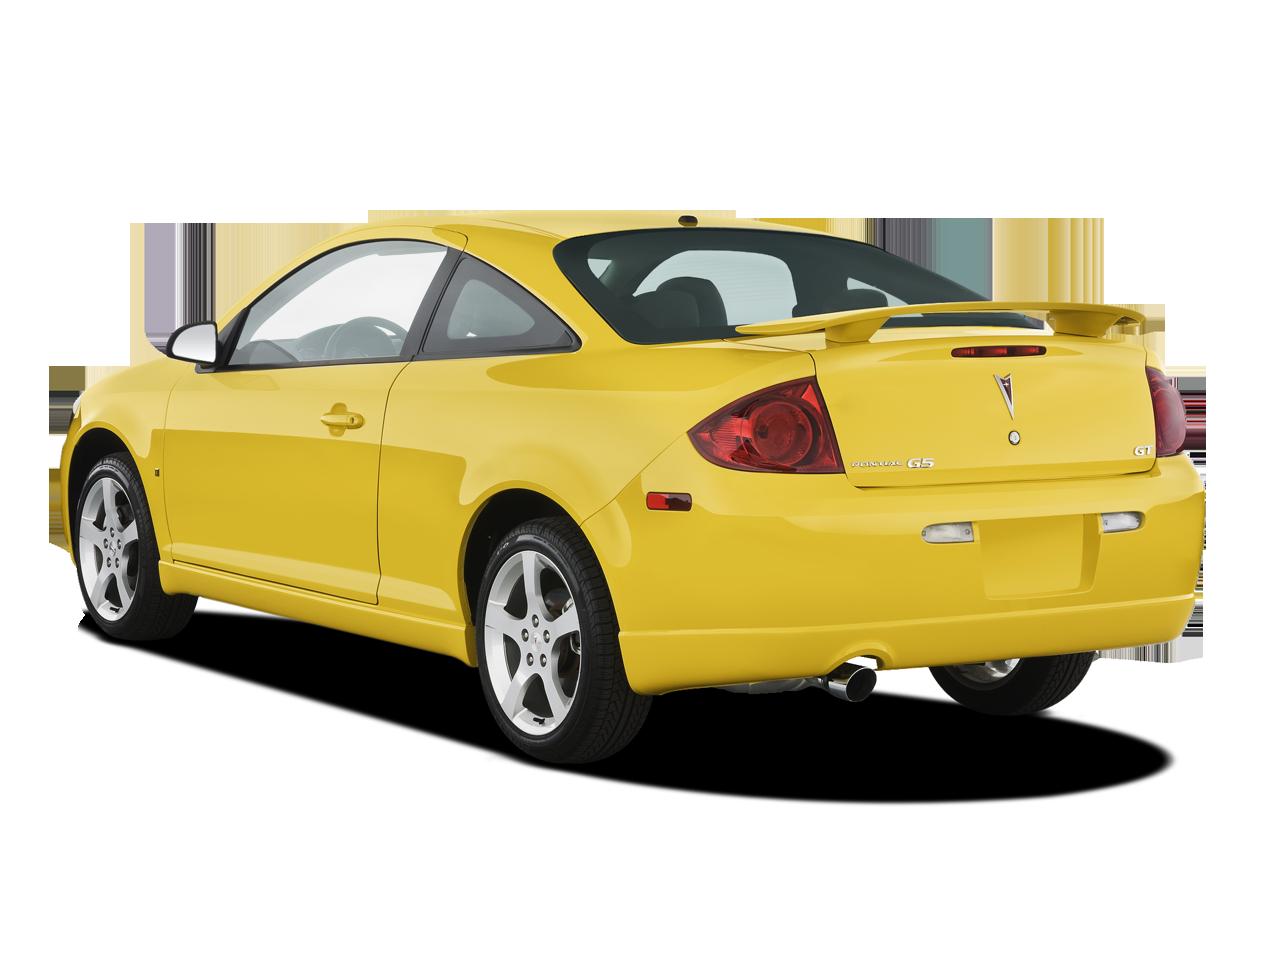 Pontiac G4 2005 - 2010 Coupe #3